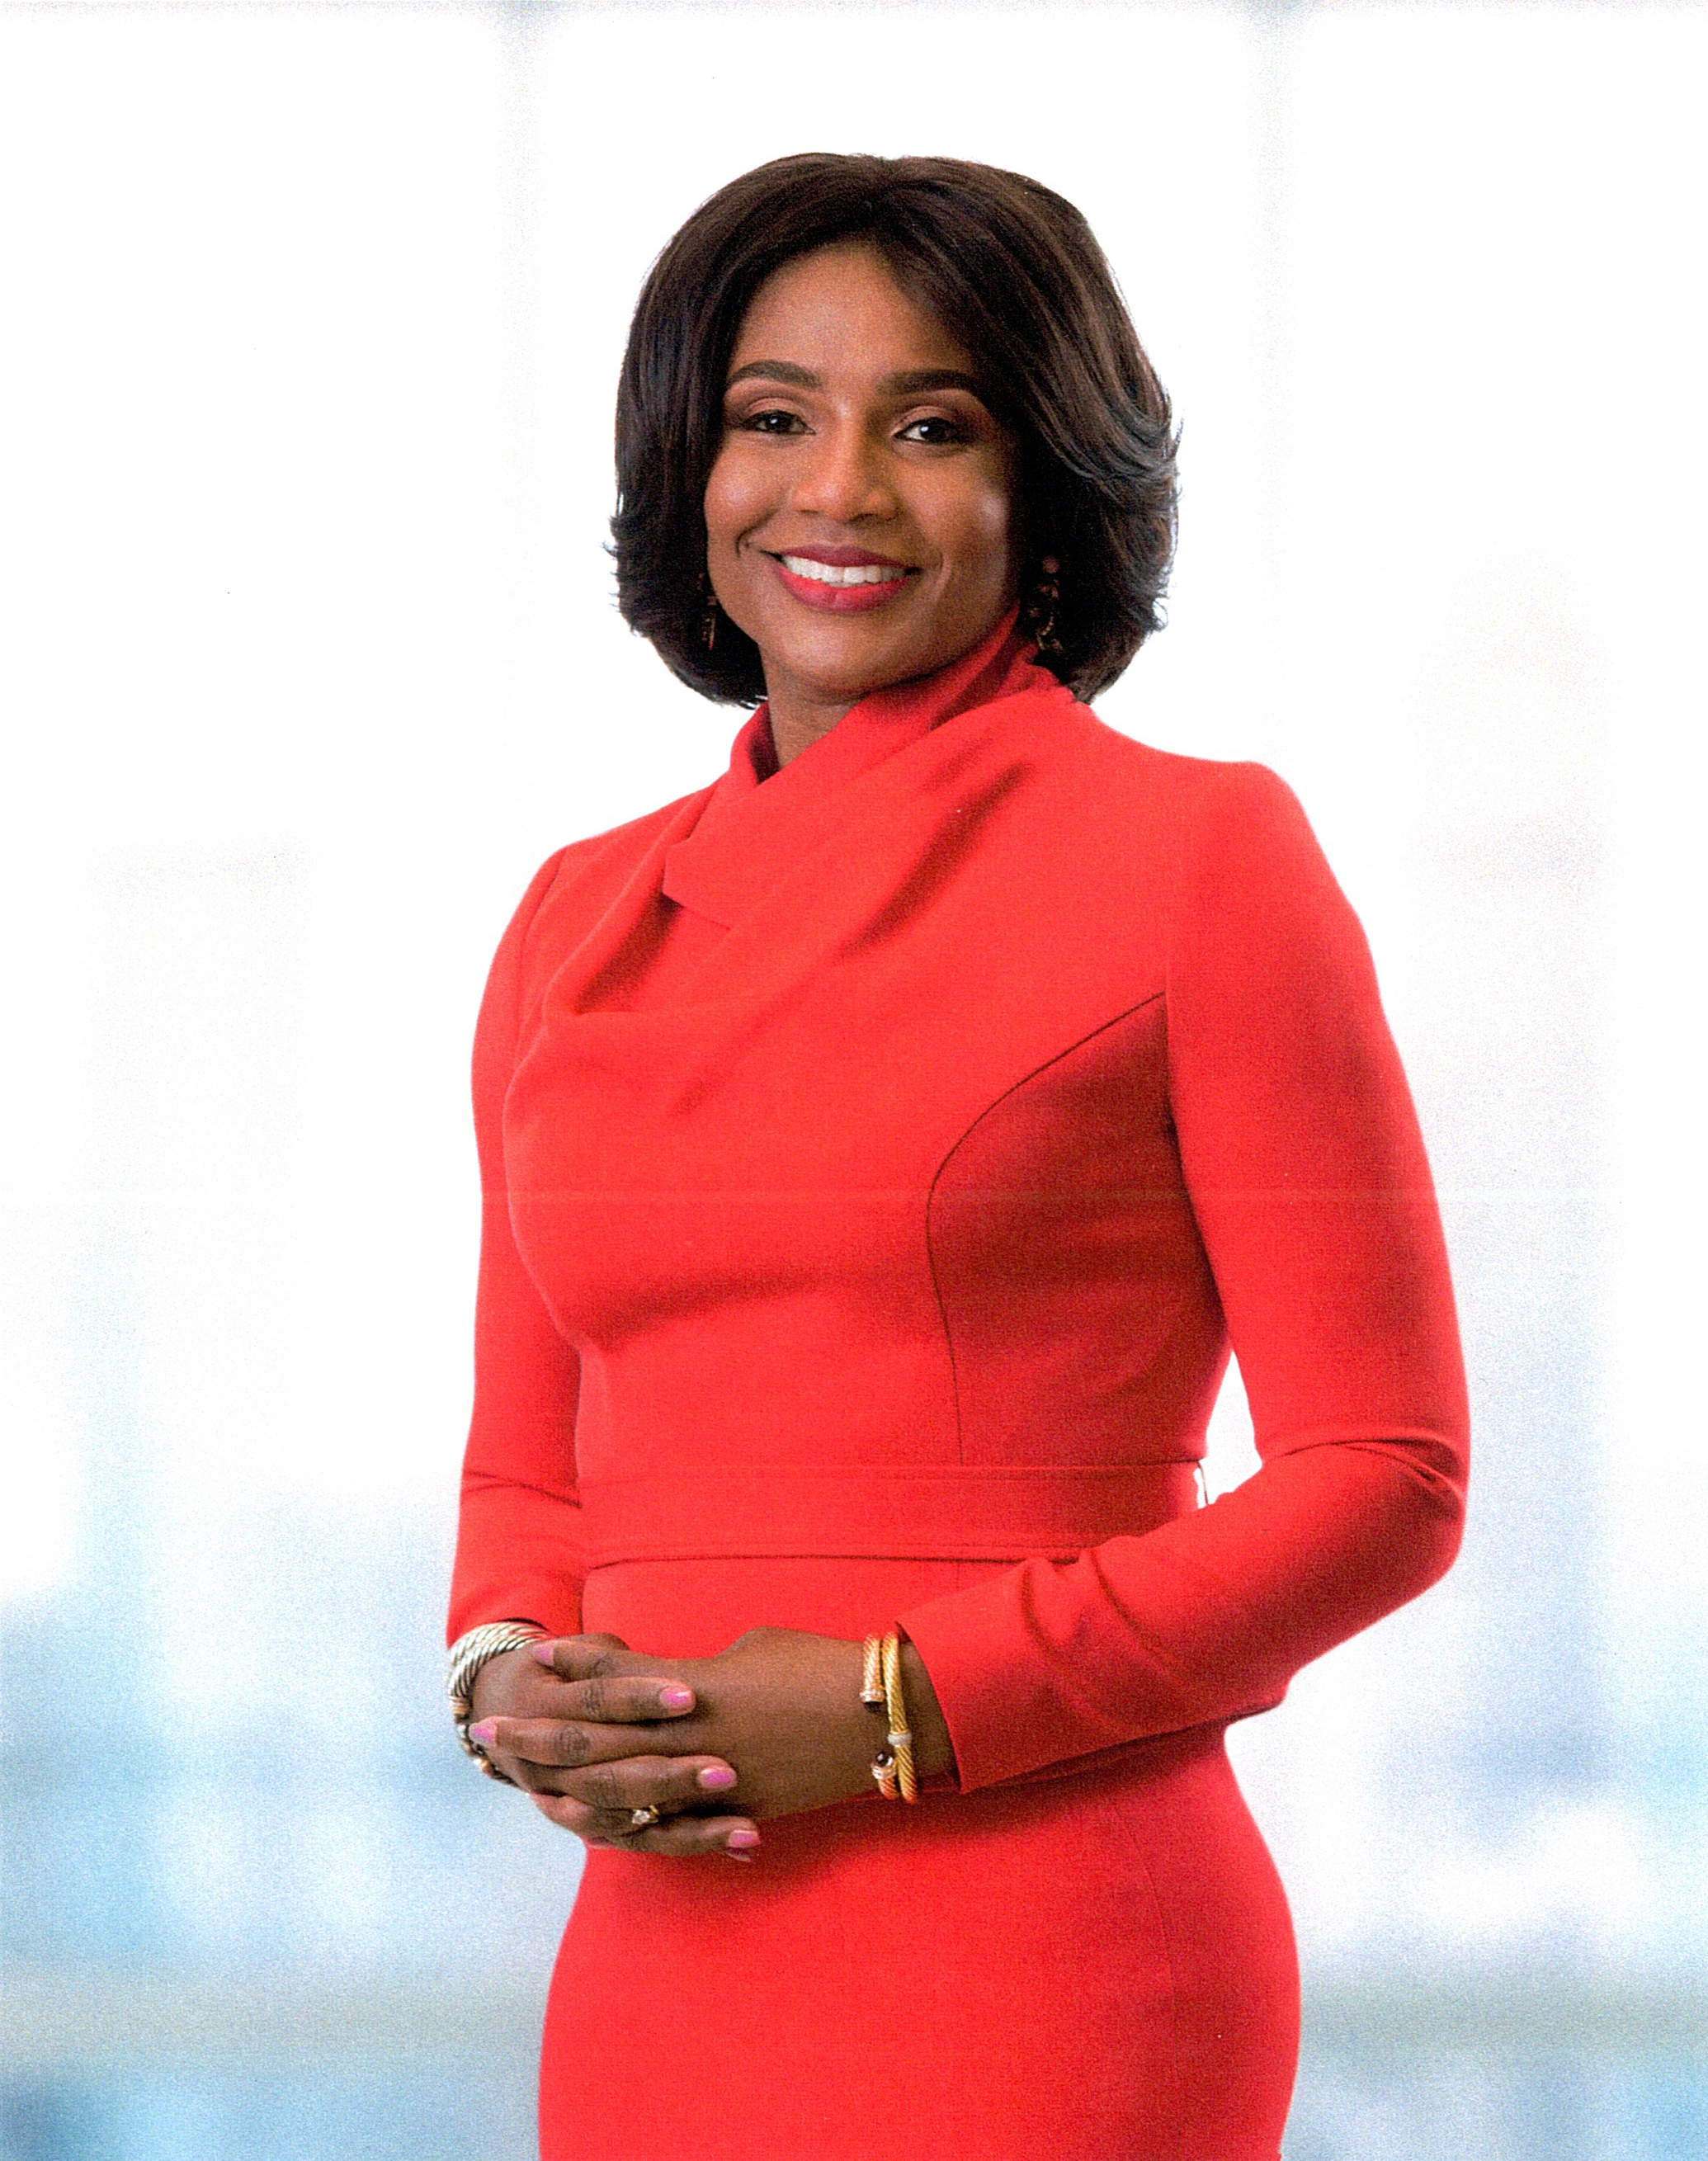 Mme Shauna Clark, avocate de Houston, Texas, nommée présidente mondiale de Norton Rose Fulbright